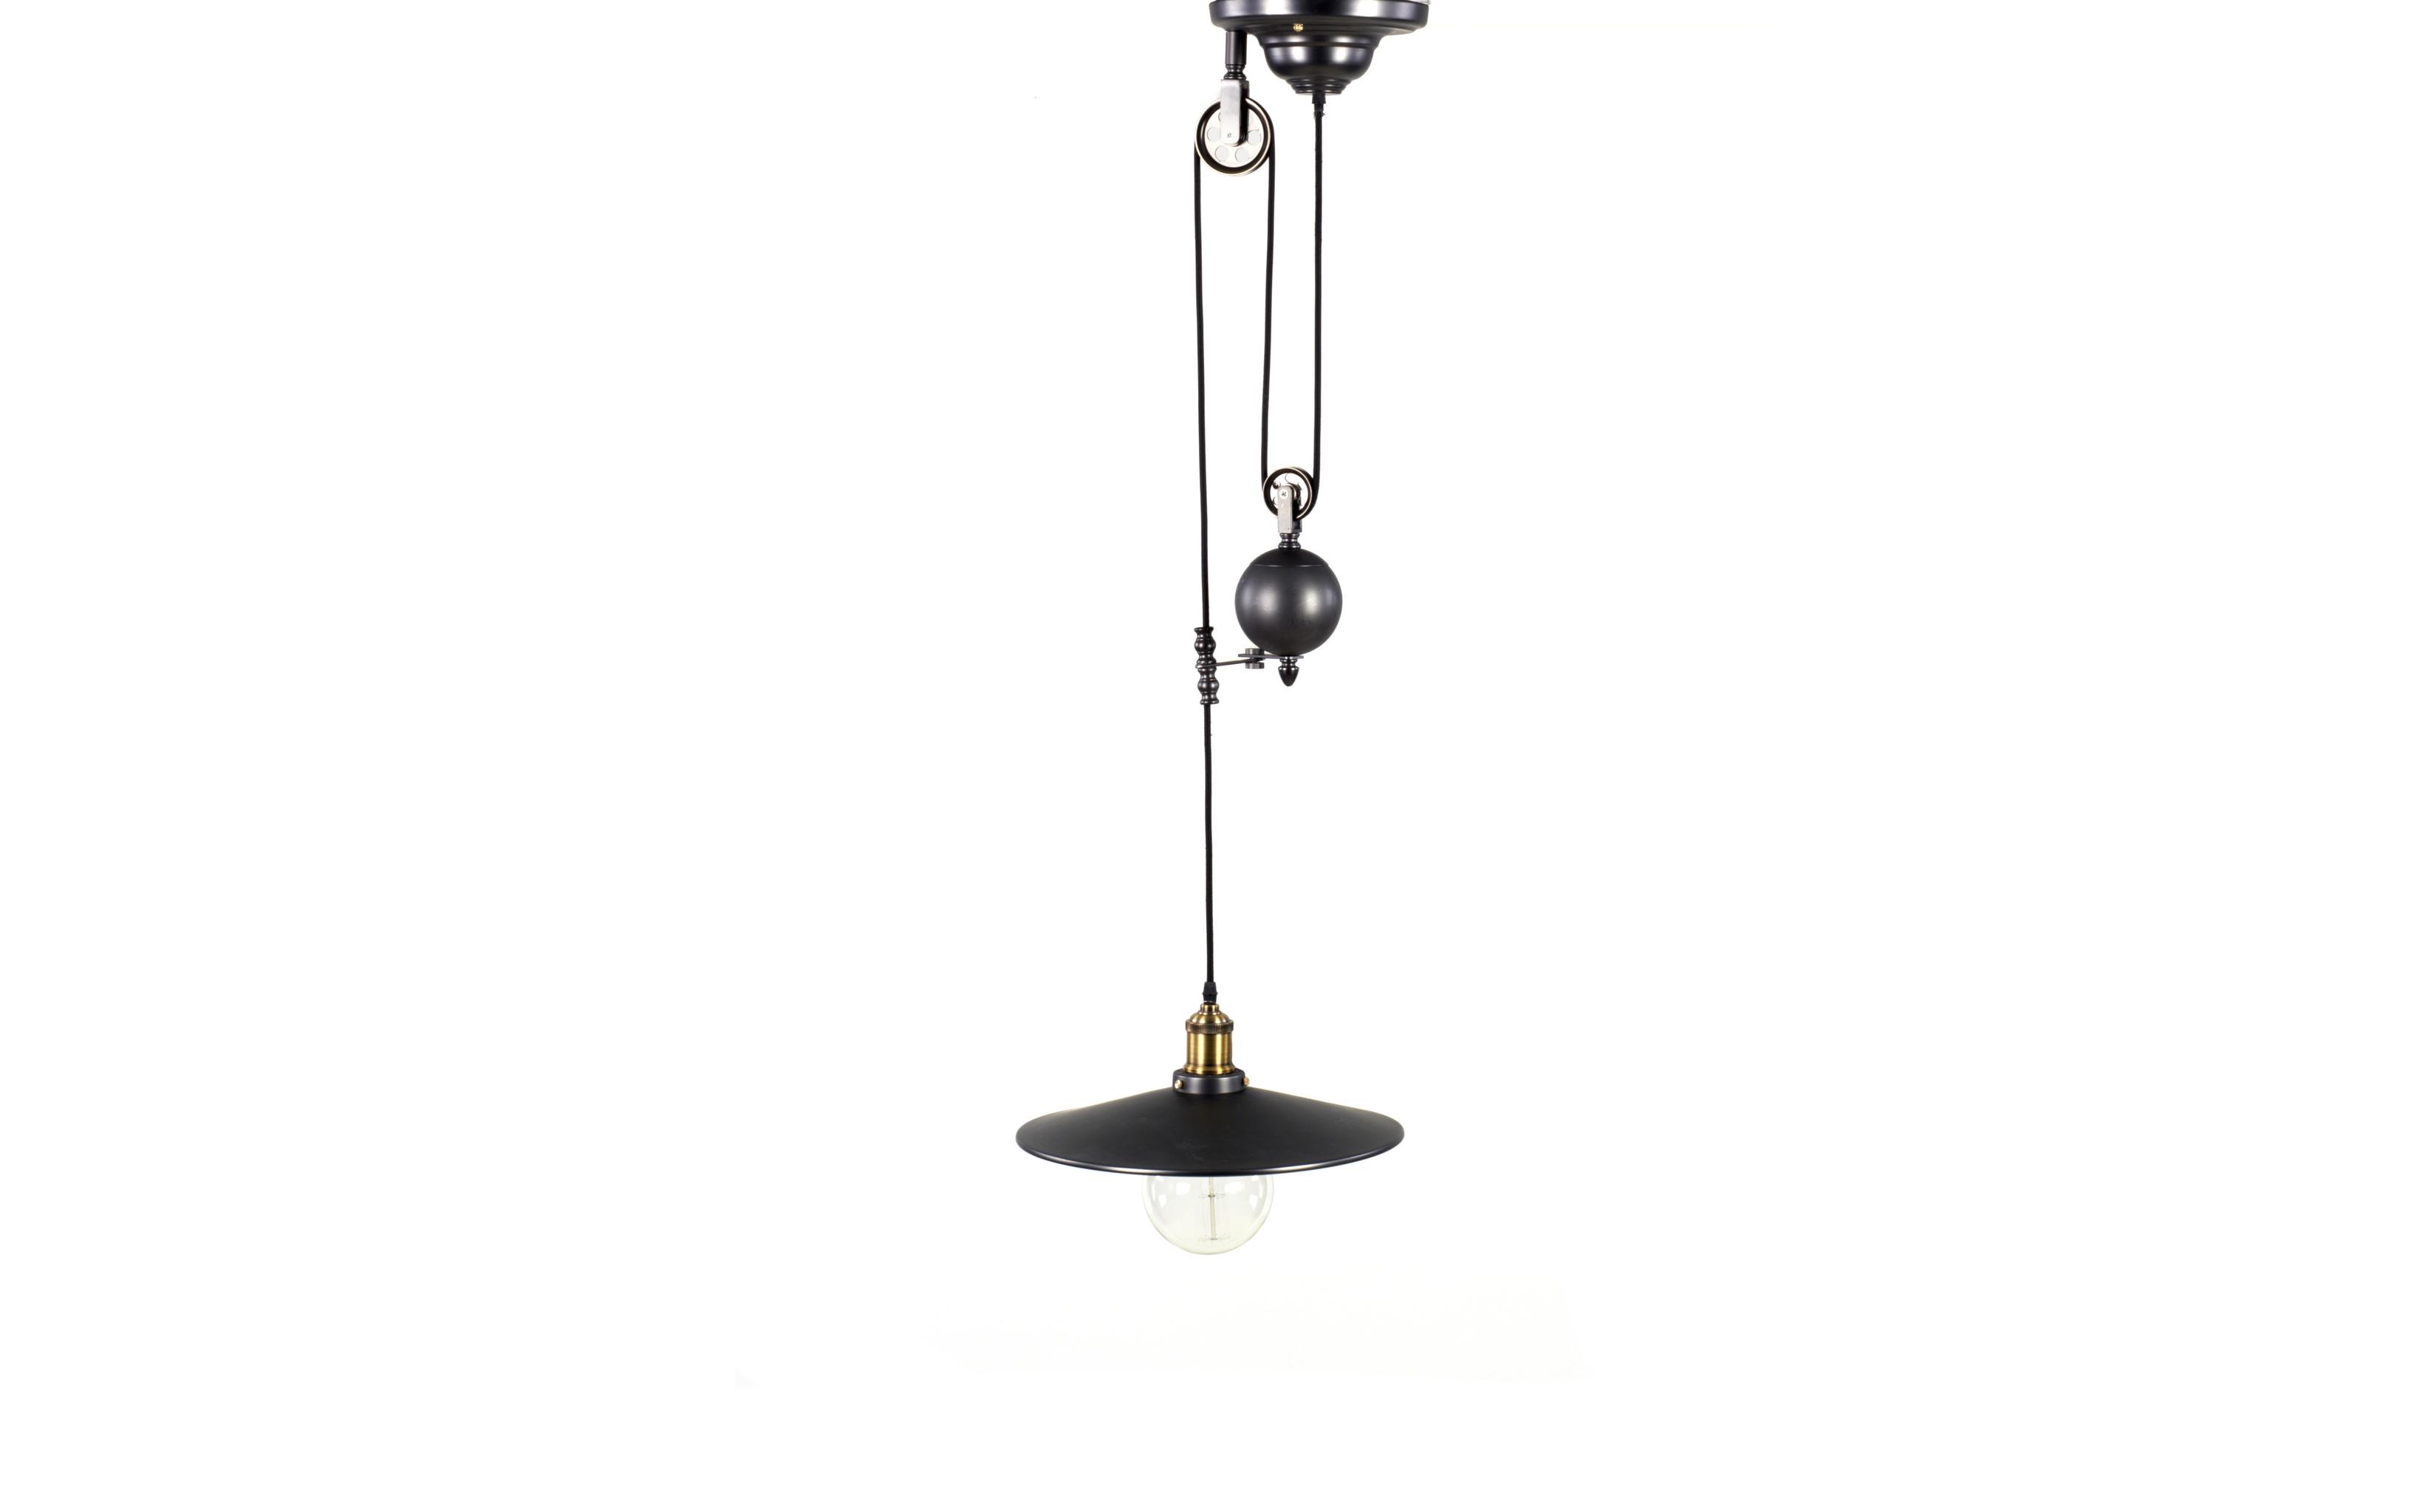 Подвесной светильникПодвесные светильники<br>&amp;lt;div&amp;gt;Только тщательно подобранные детали создают идеальный интерьер. Подвесной светильник из черного металла от бренда То4rooms подойдет для винтажных и лофтовых интерьеров, где у каждой вещи — своя история. Он похож на элемент механизма, а плафон напоминает то ли диск, то ли крышку. Такая лампа обретет смысл в интерьерах, свободных от типовых решений.&amp;lt;/div&amp;gt;&amp;lt;div&amp;gt;&amp;lt;br&amp;gt;&amp;lt;/div&amp;gt;Лампа потолочная, 1 ламп, Е27, мощность 60W&amp;amp;nbsp;<br><br>Material: Металл<br>Length см: 36<br>Width см: 36<br>Height см: 96